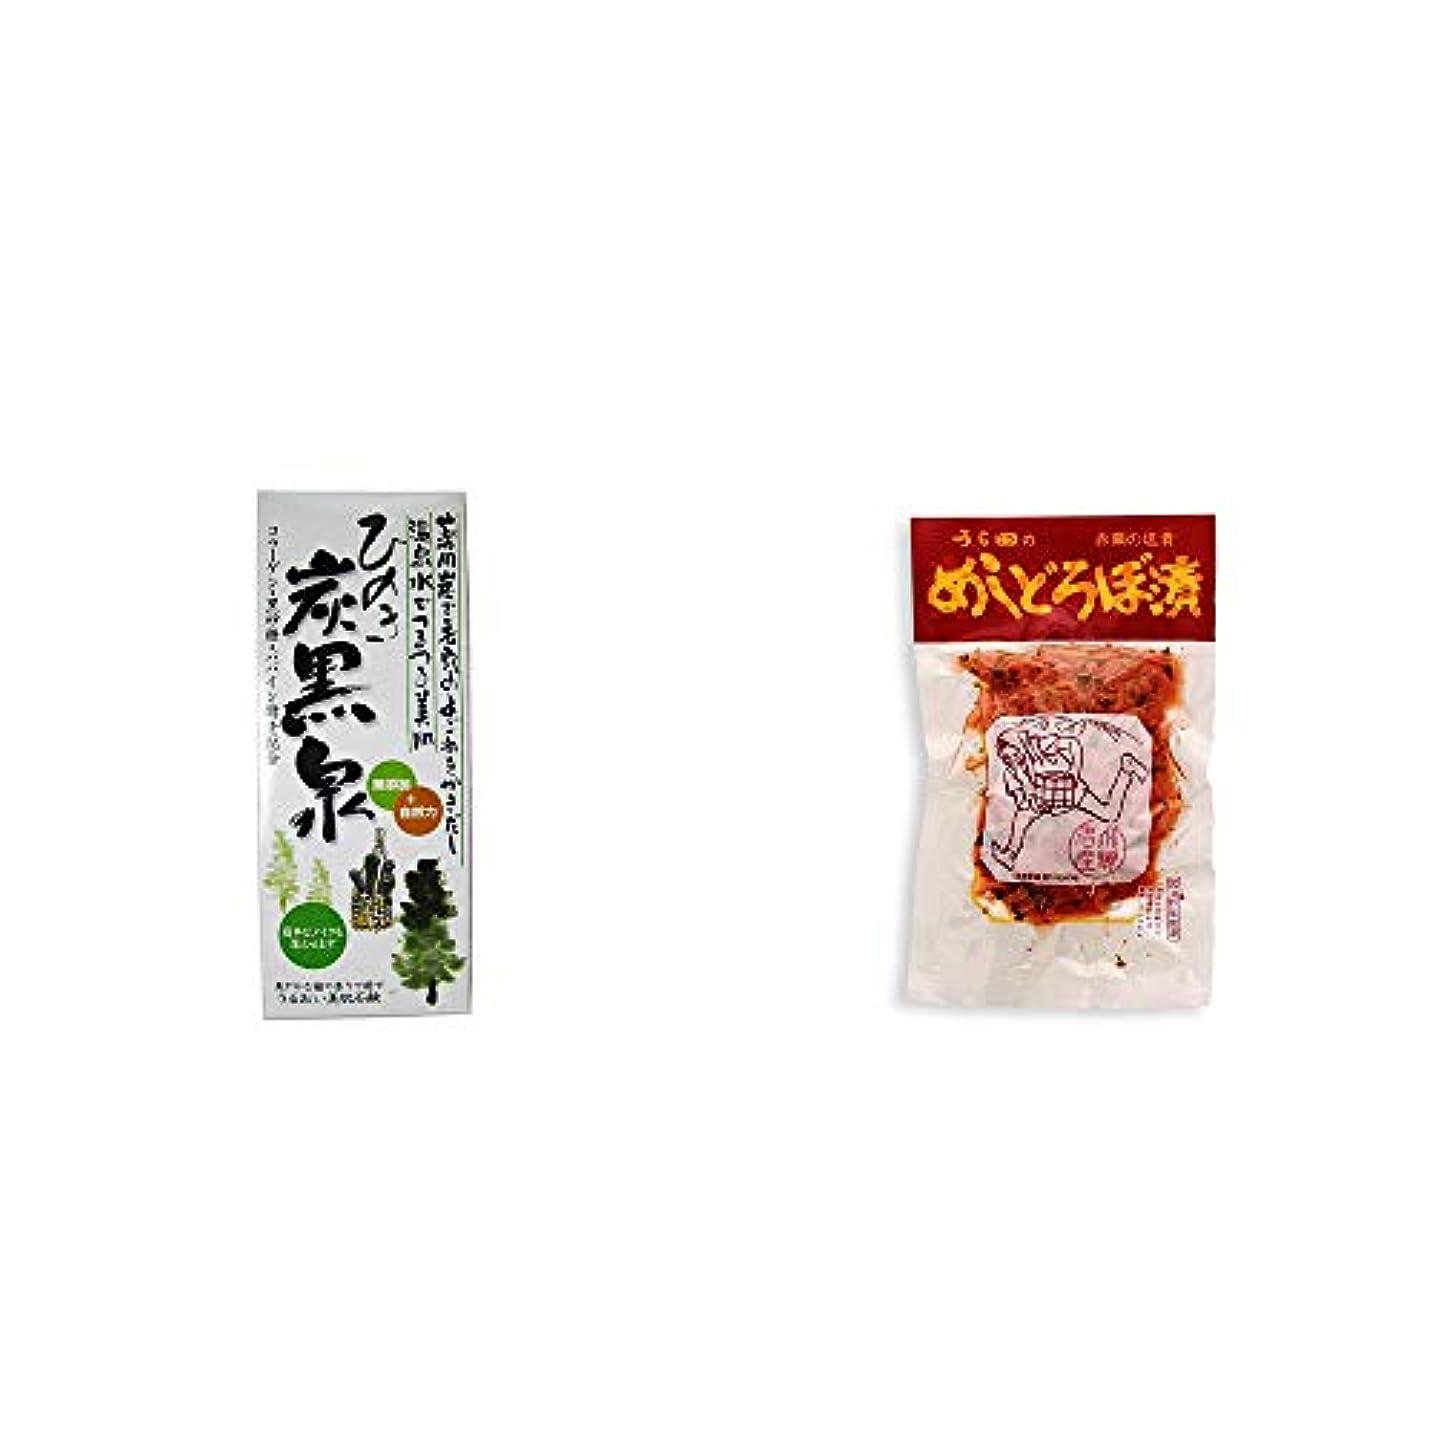 薬用パンサーチャップ[2点セット] ひのき炭黒泉 箱入り(75g×3)?うら田 めしどろぼ漬(180g)